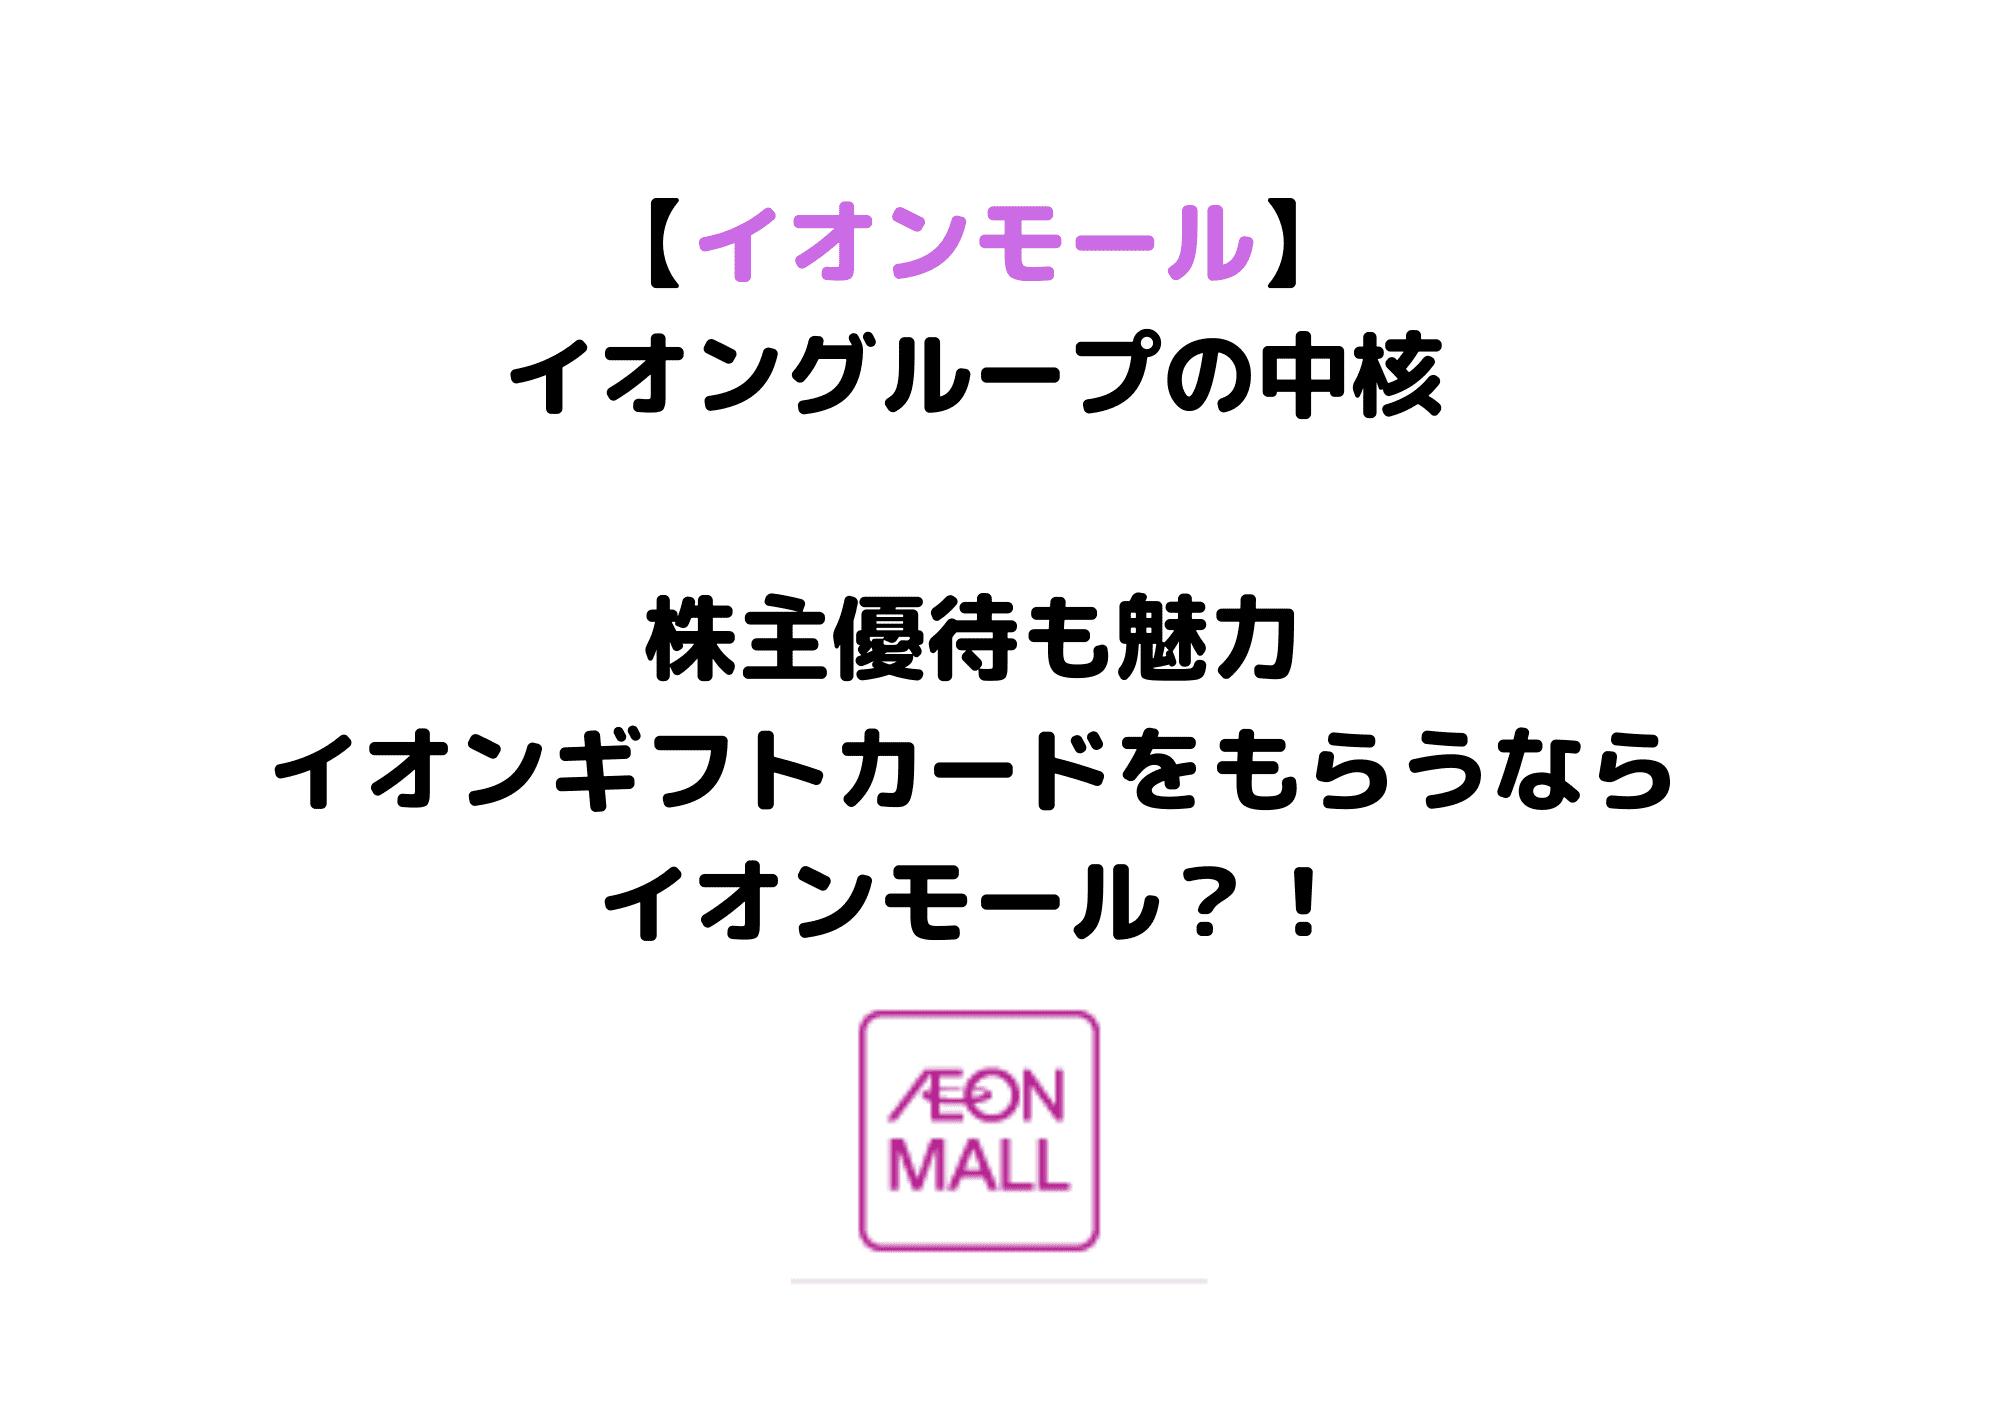 8905 イオンモール 株主優待 (1)